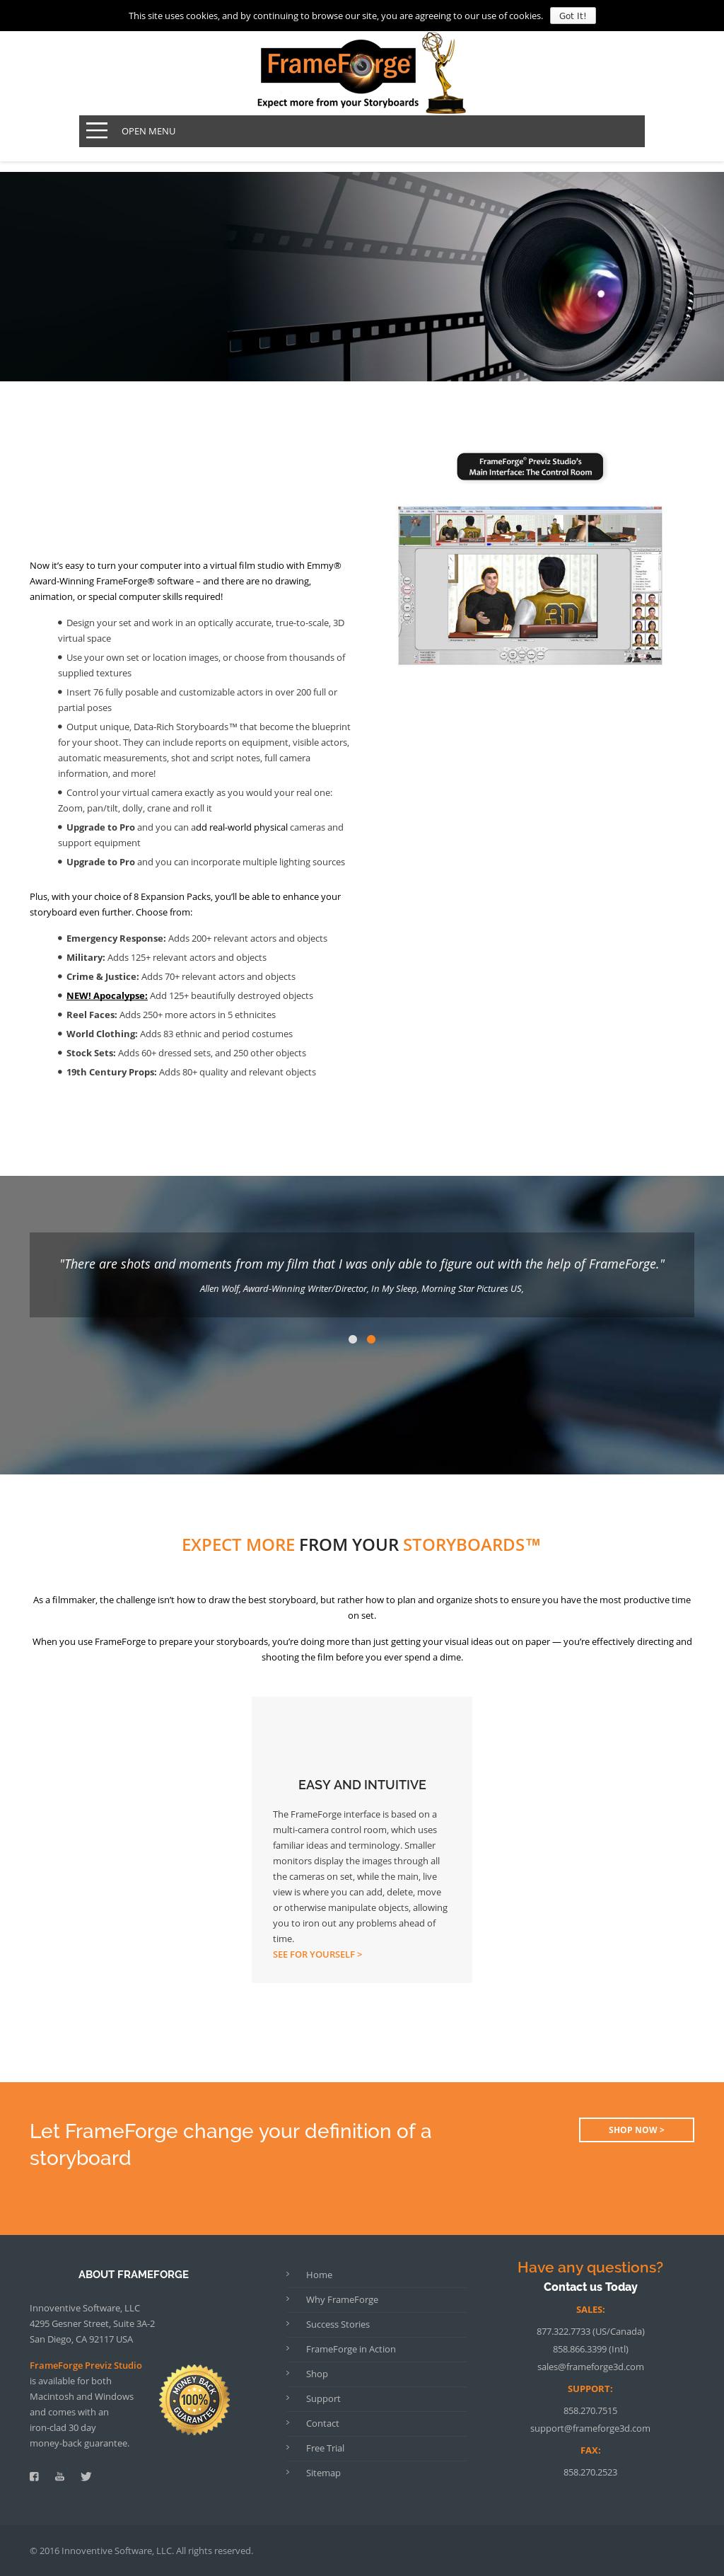 Frame Forge 3d - Page 8 - Frame Design & Reviews ✓